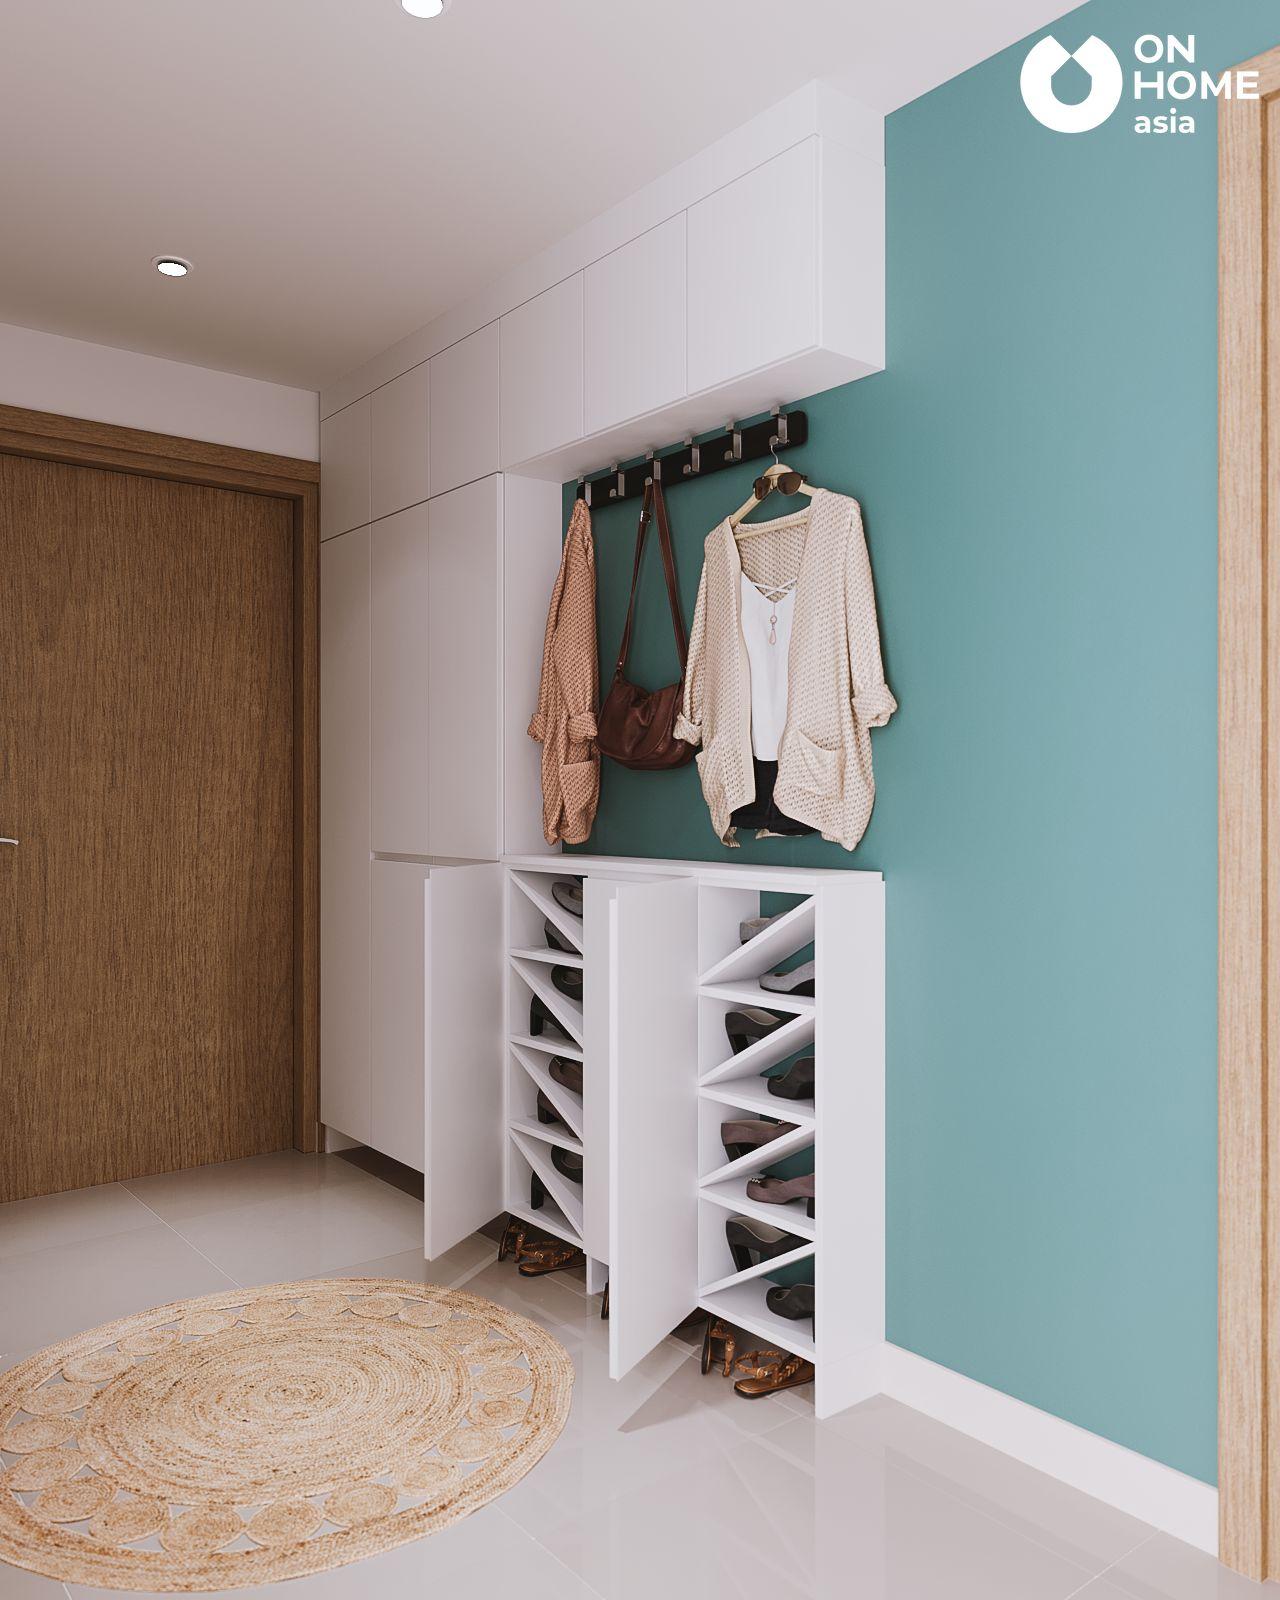 nội thất tủ giày căn hộ 3 phòng ngủ